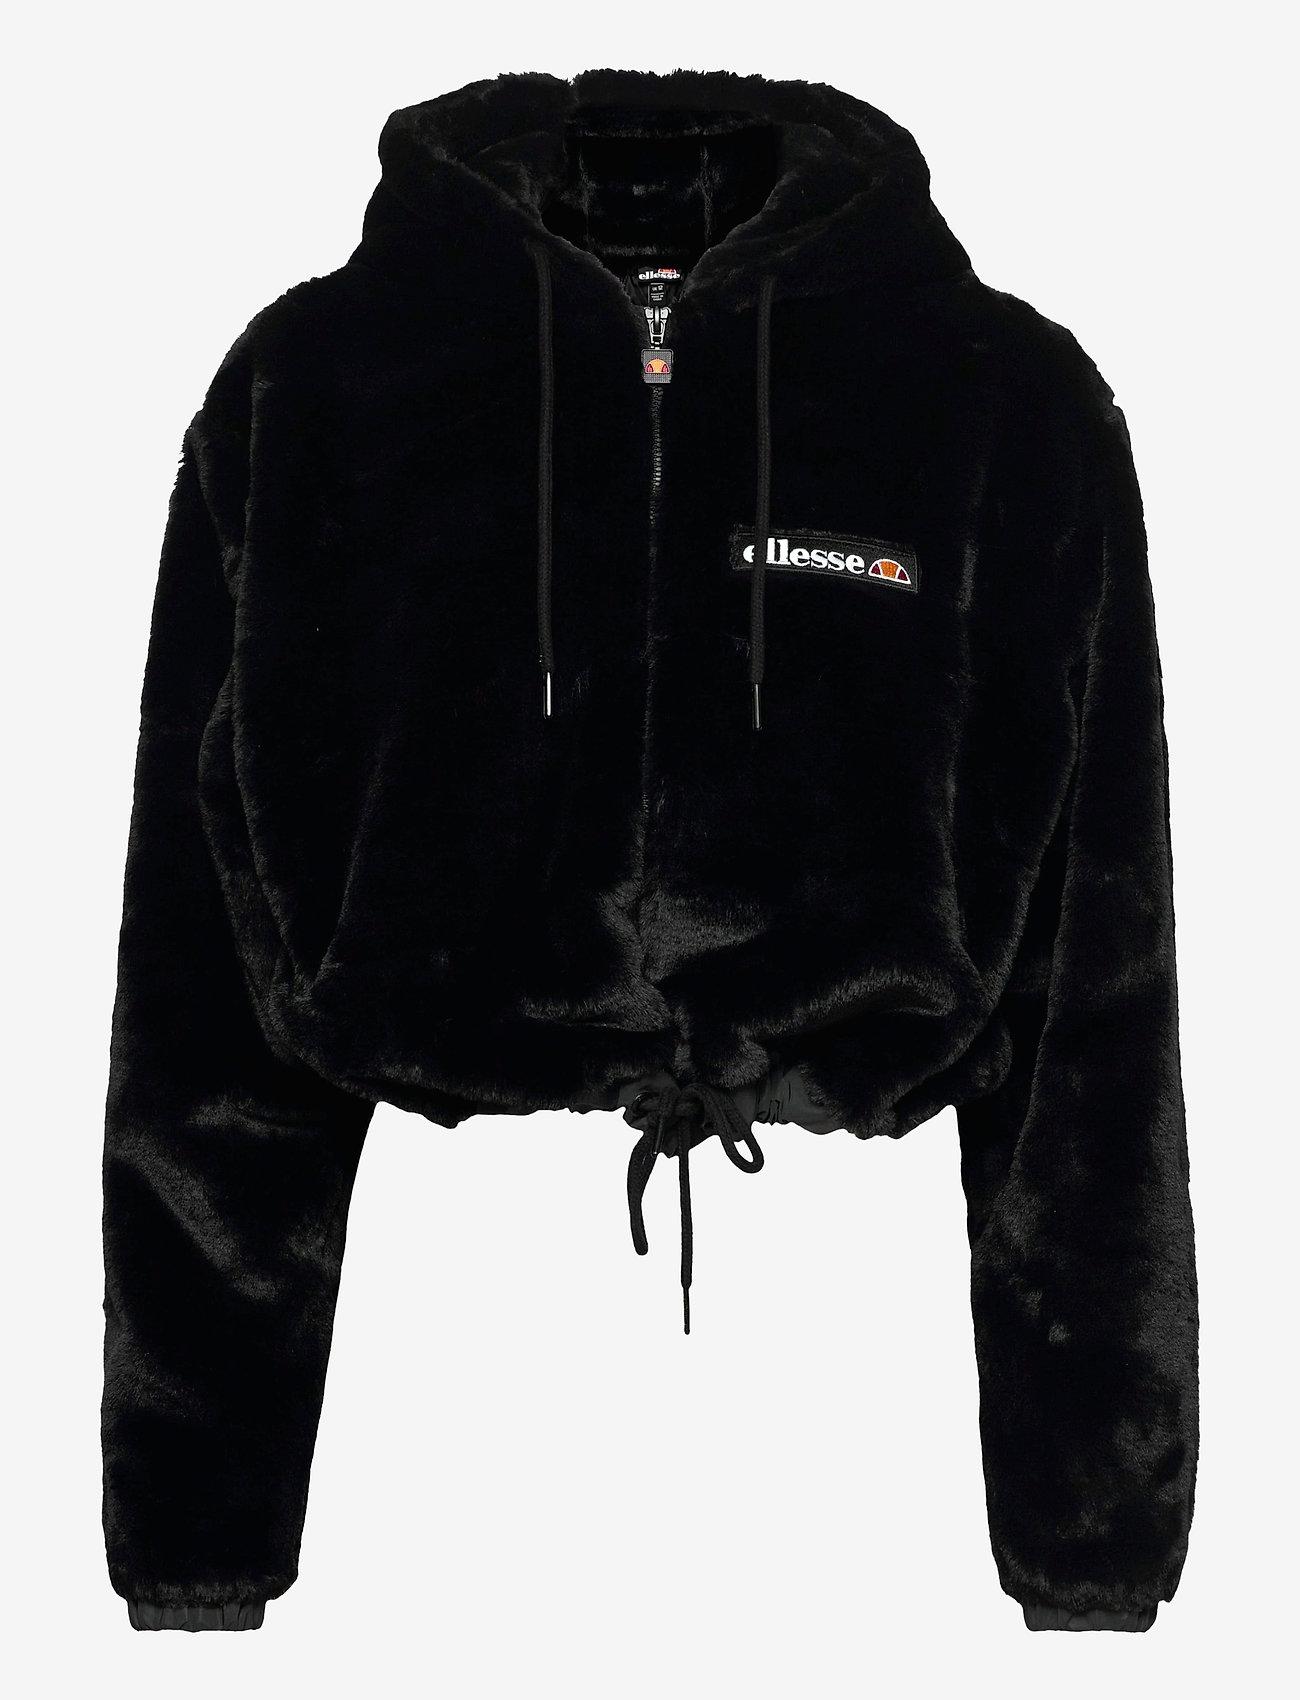 Ellesse - EL REIDI JACKET - sports jackets - black - 0